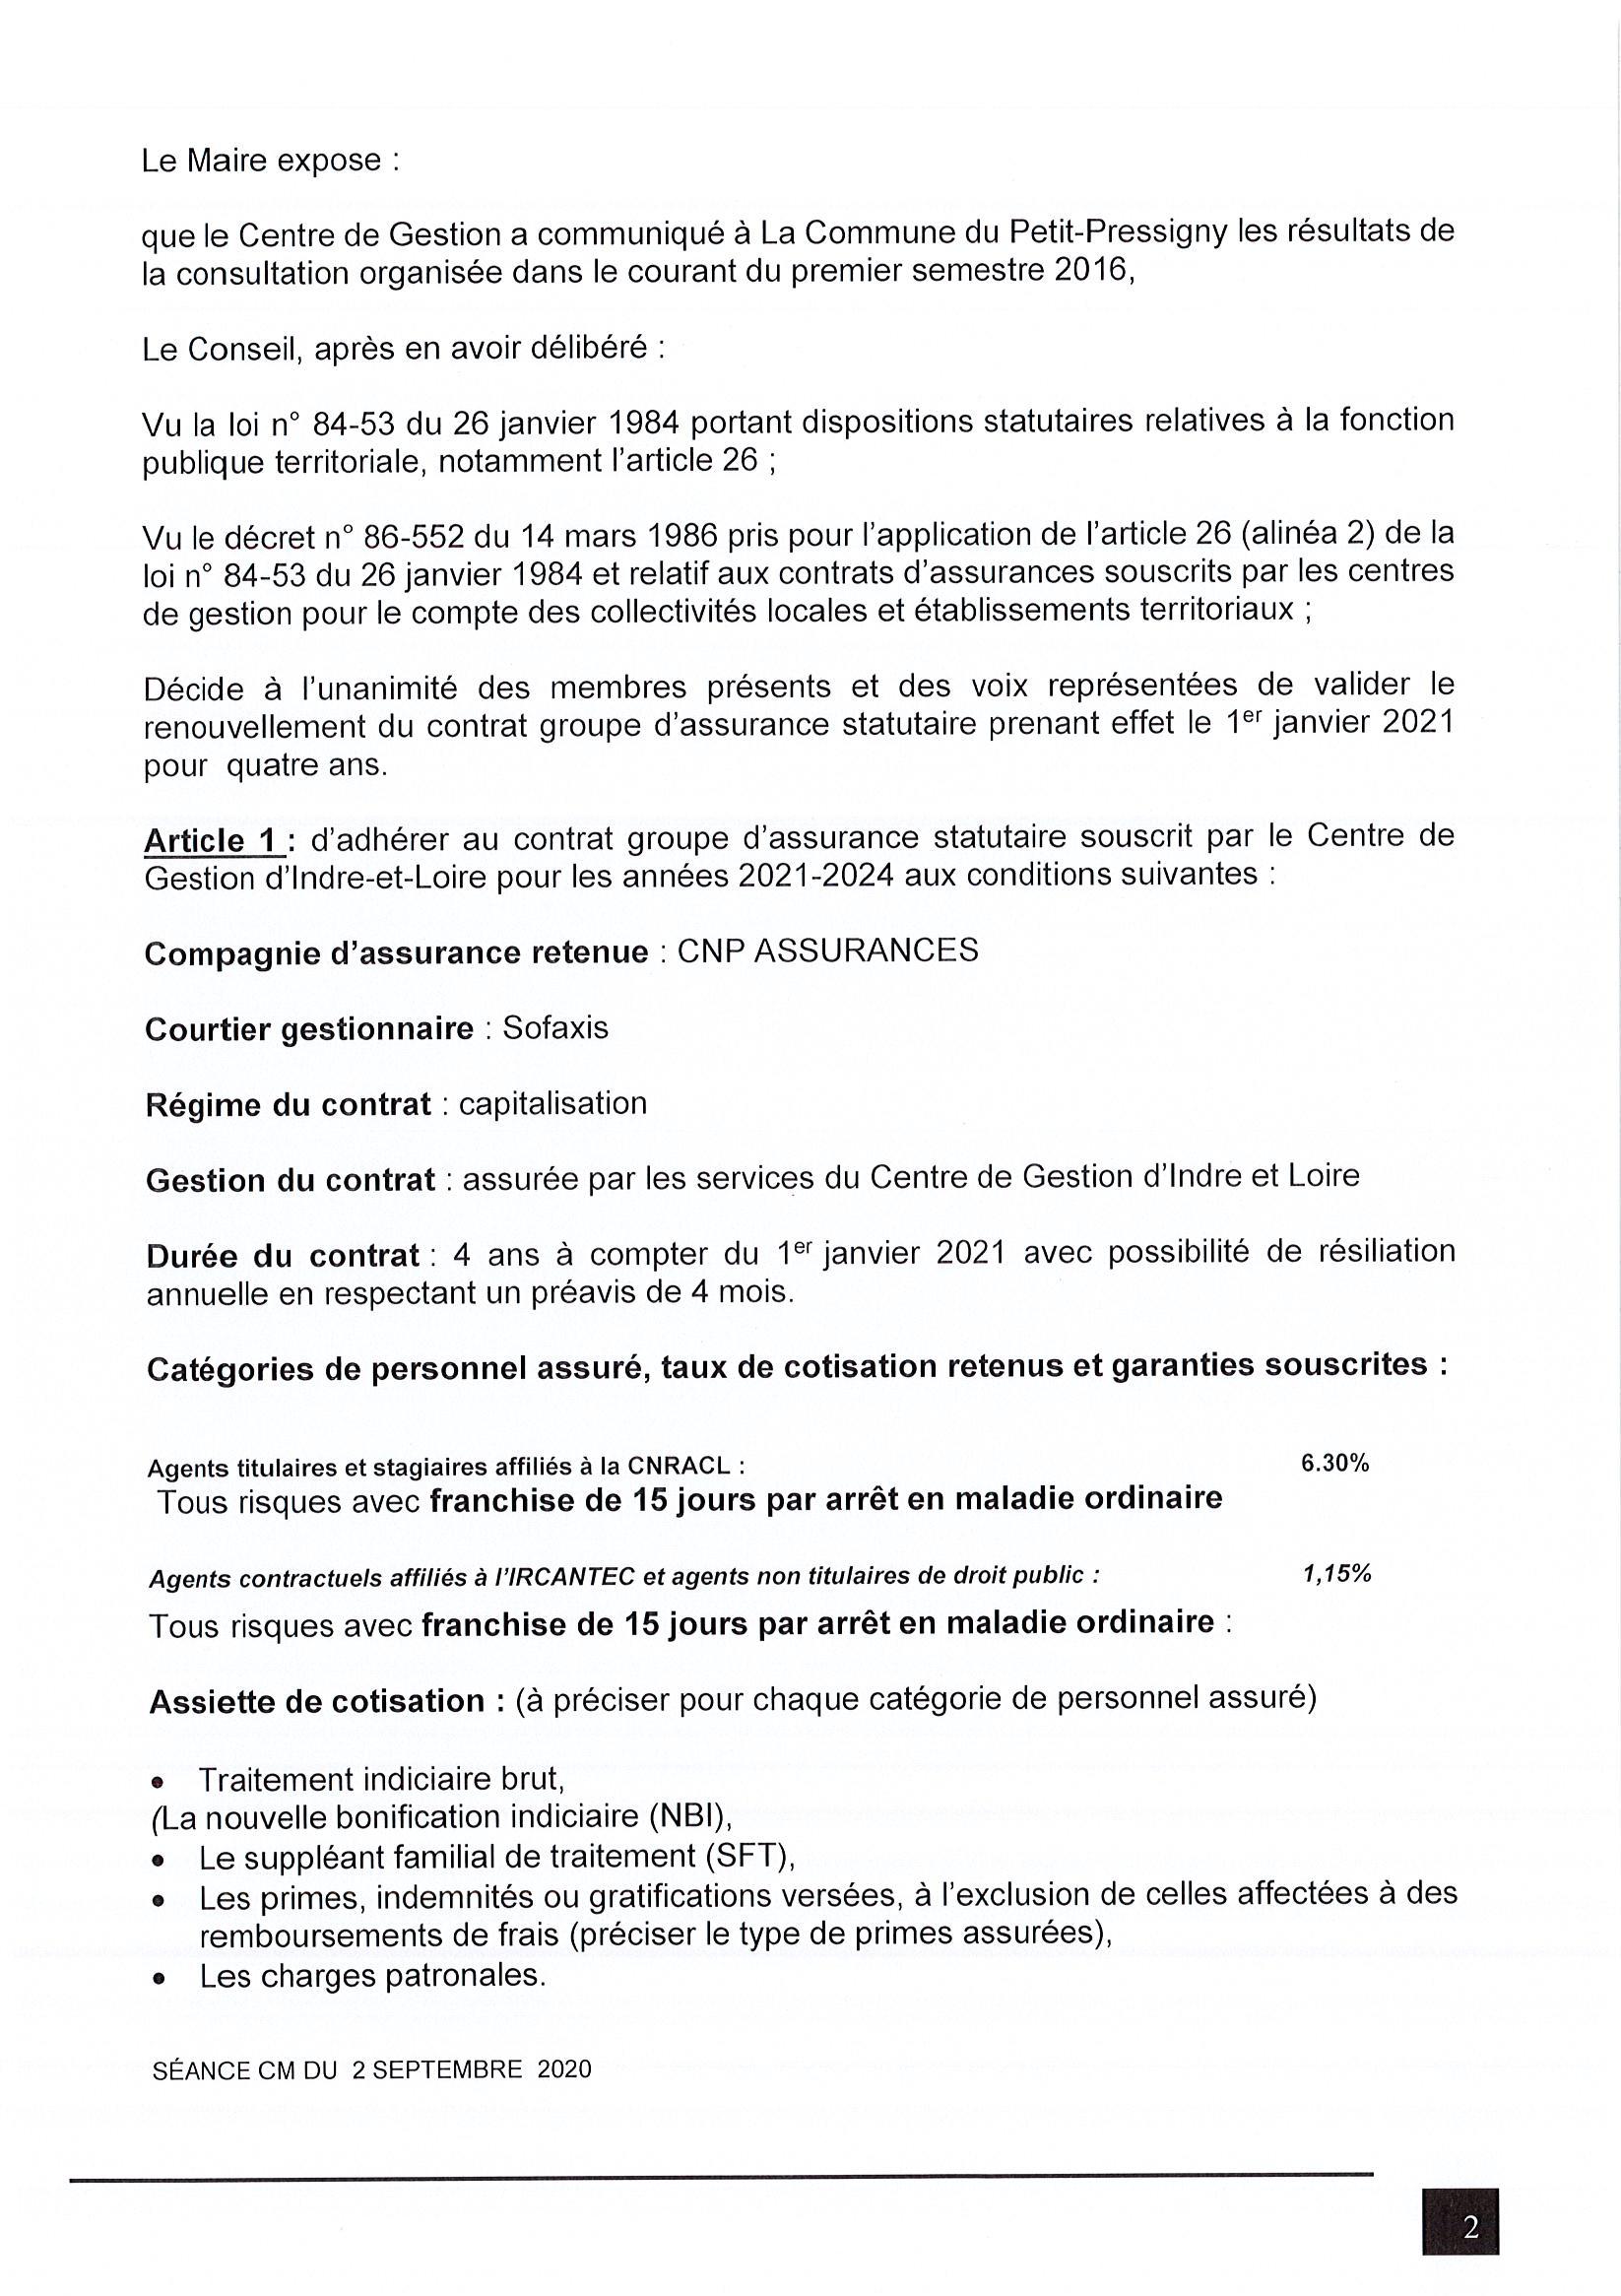 accueil/doc101120-10112020121830-0029.jpg